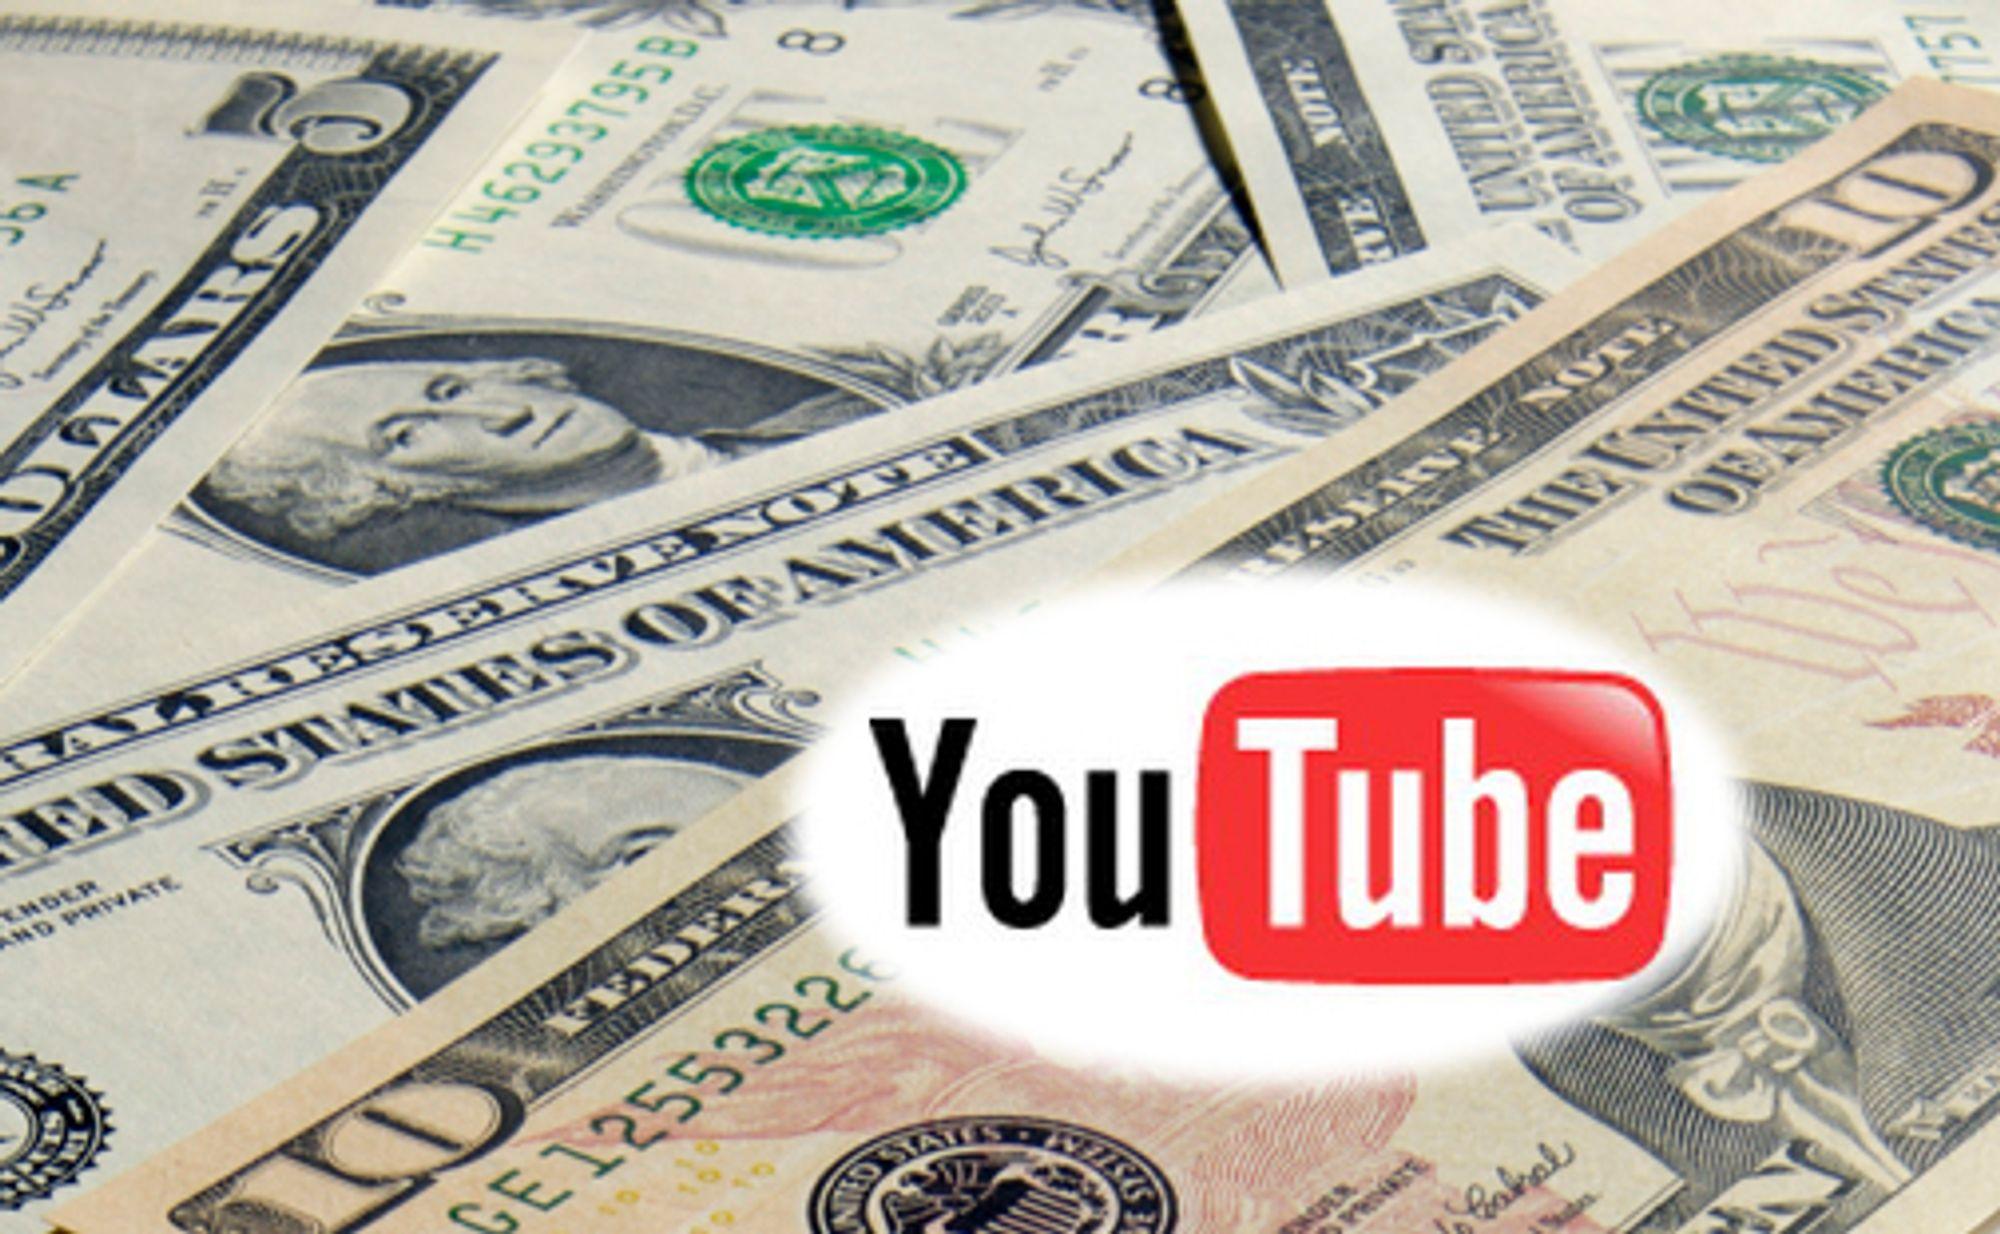 VERDIFULLE KLIKK: Jo flere som ser på dine egenproduserte videoer, desto mer penger vil du få. Nå skal det lønne seg å være kreativ hos YouTube.